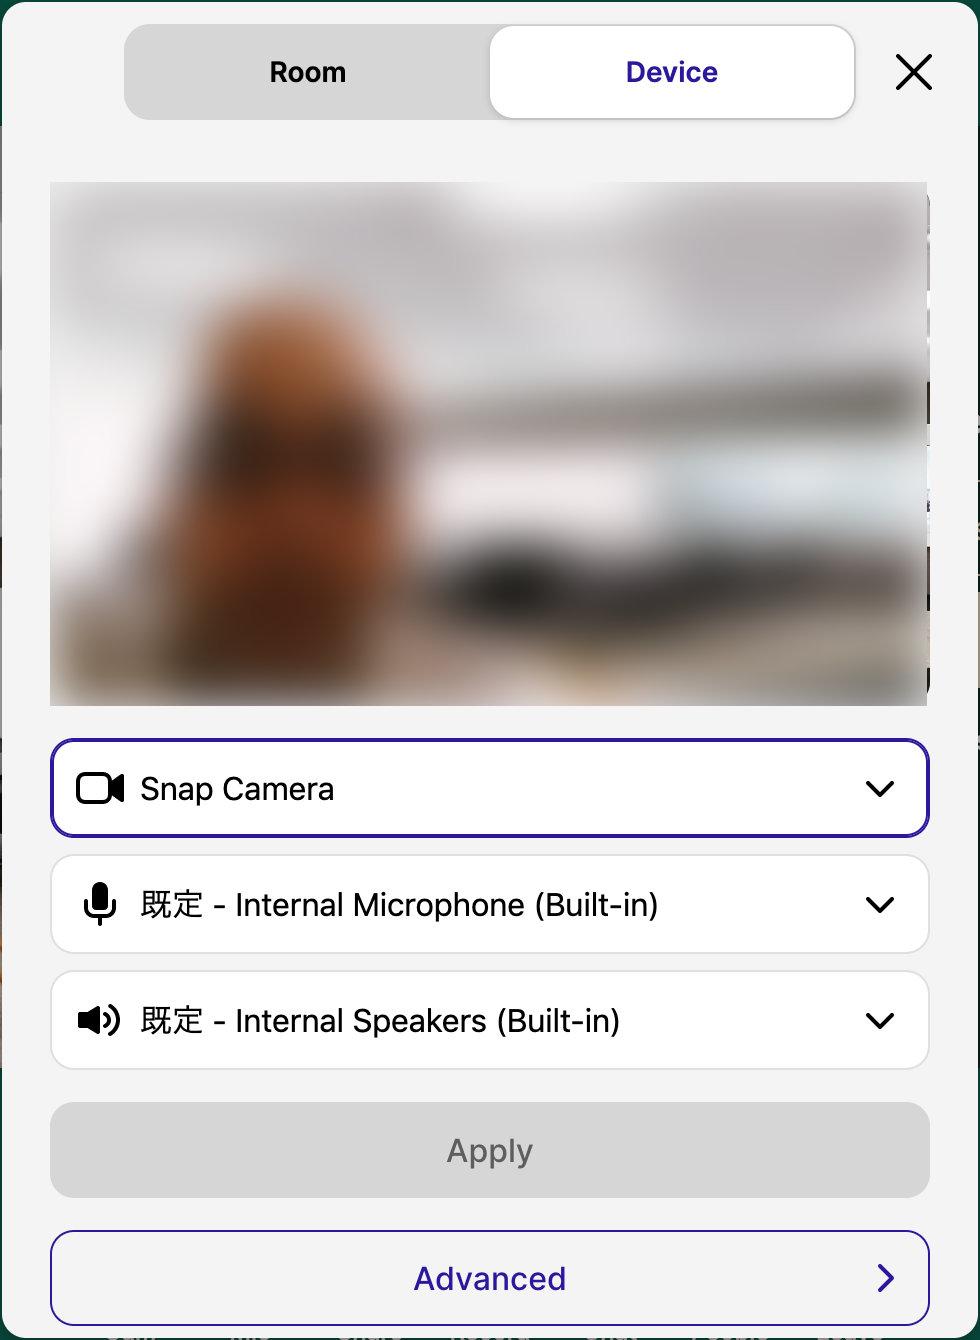 WherebyでのSnap Cameraの設定